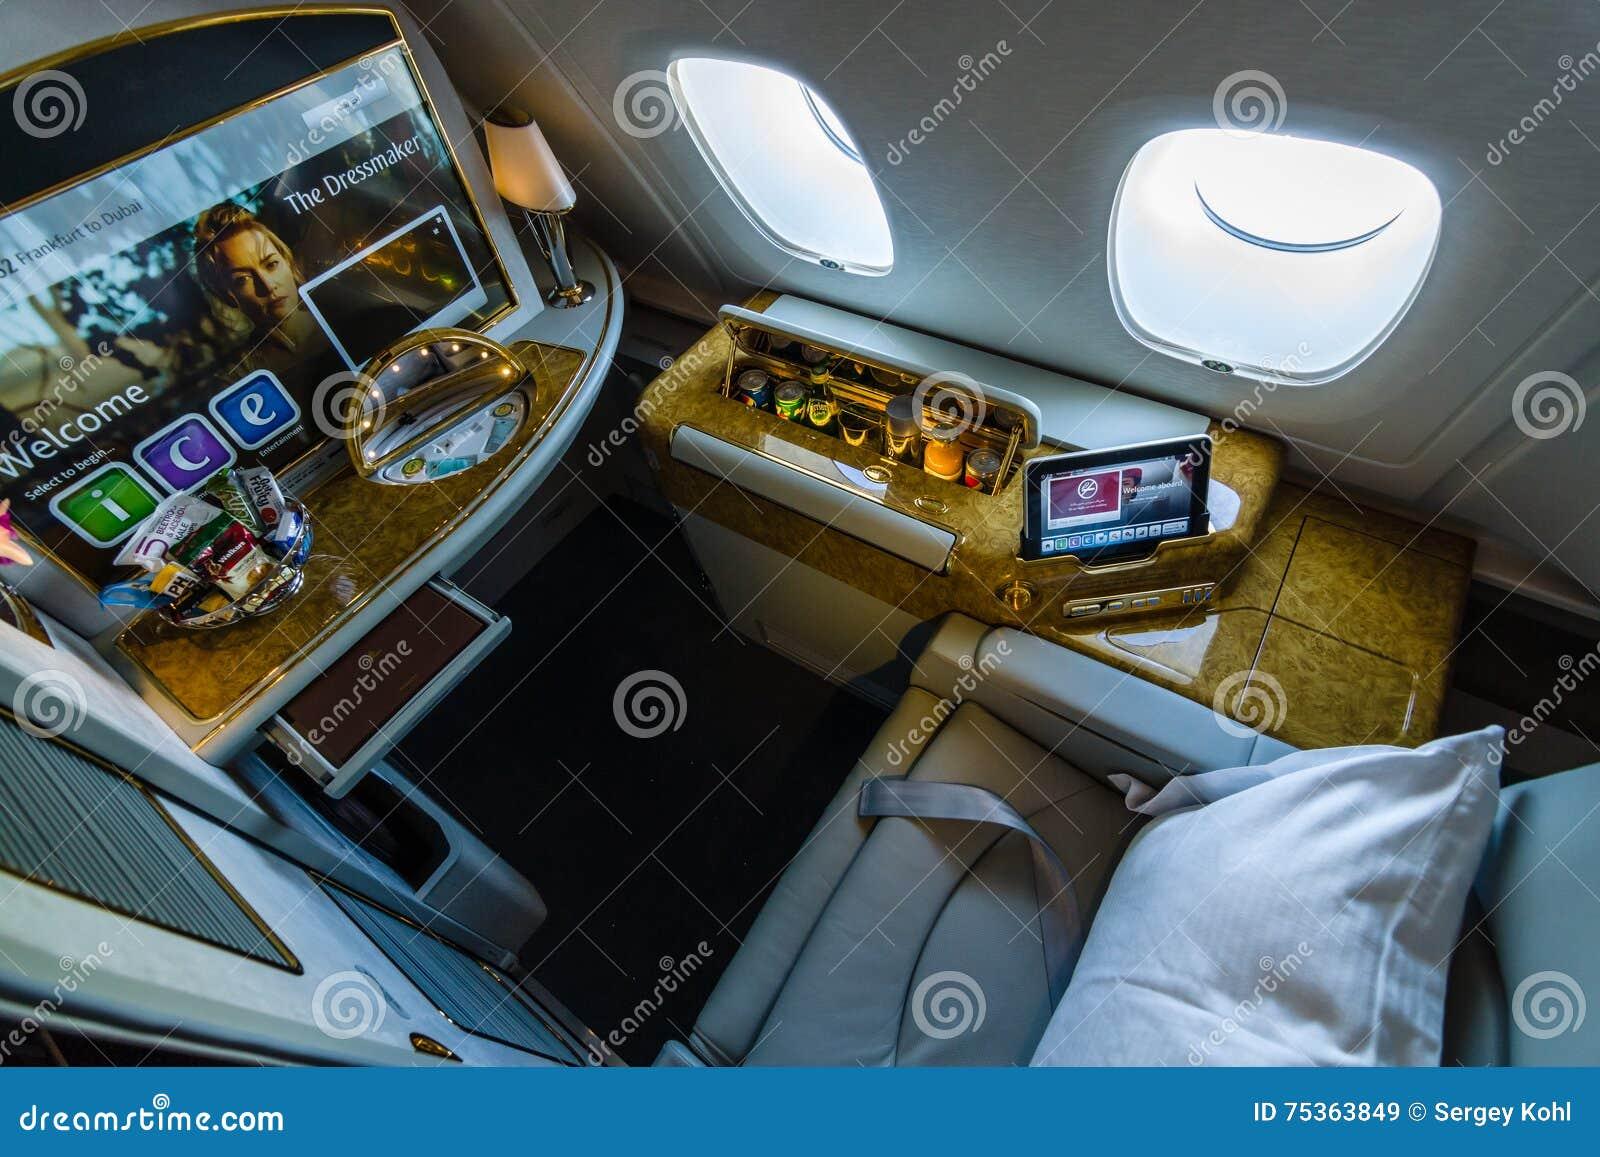 eminem a380 airbus interior - photo #24